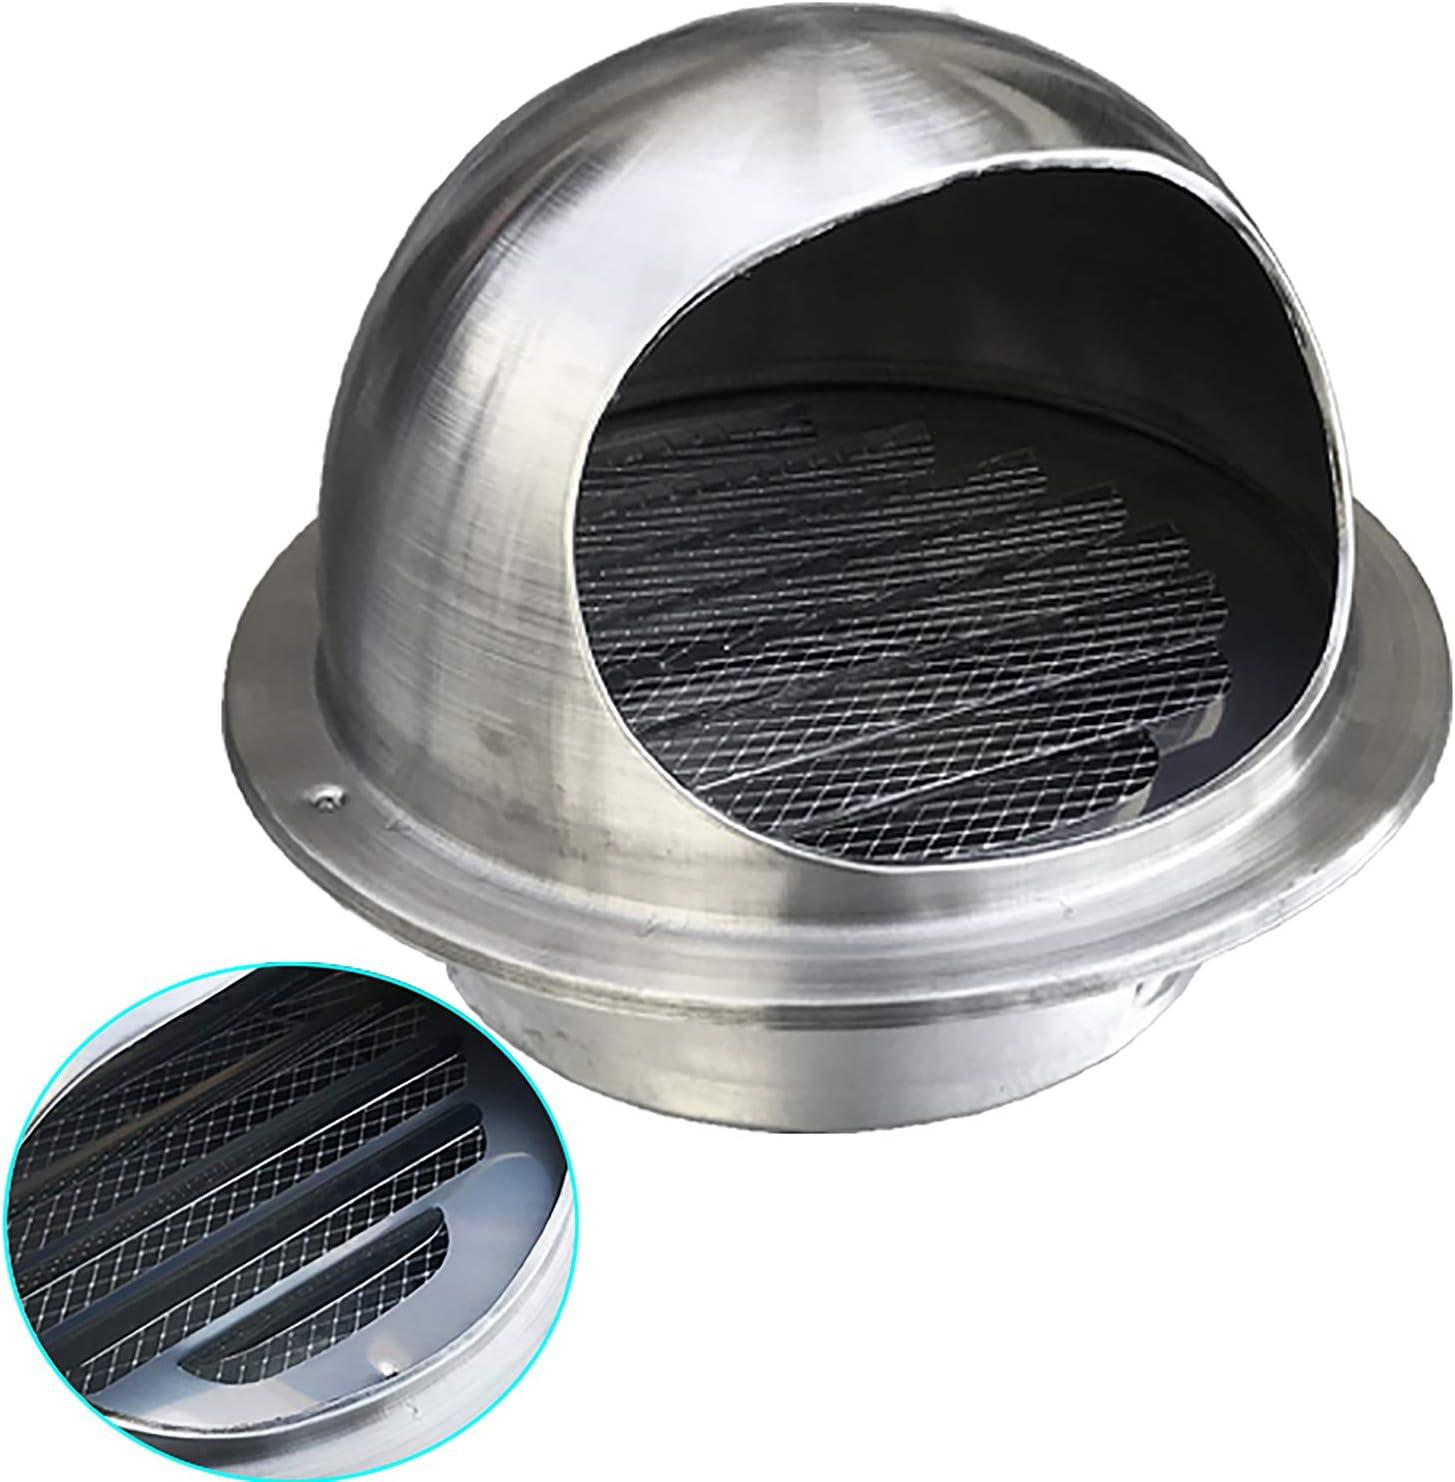 QWEASDF (Ø60-300mm) Acero Inoxidable Rejilla Redonda de ventilación Cubierta de ventilación de Aire ventilación Pared Salida Pared Toro Nariz Extractor Externo Pared para Cocina baño,60mm